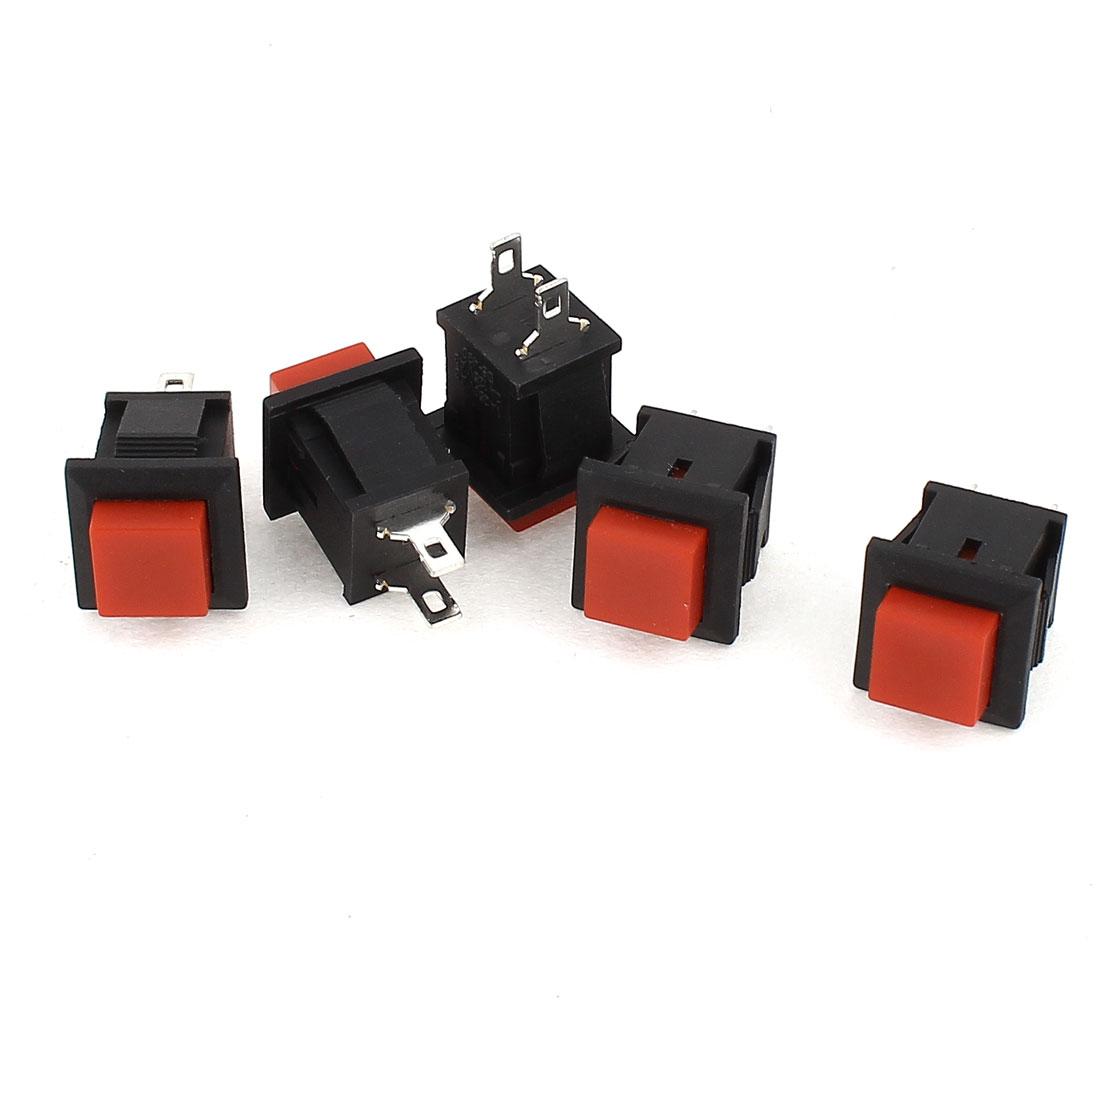 AC 250V/1A 125V/2A SPST Momentary Push Button Switch 5 Pcs